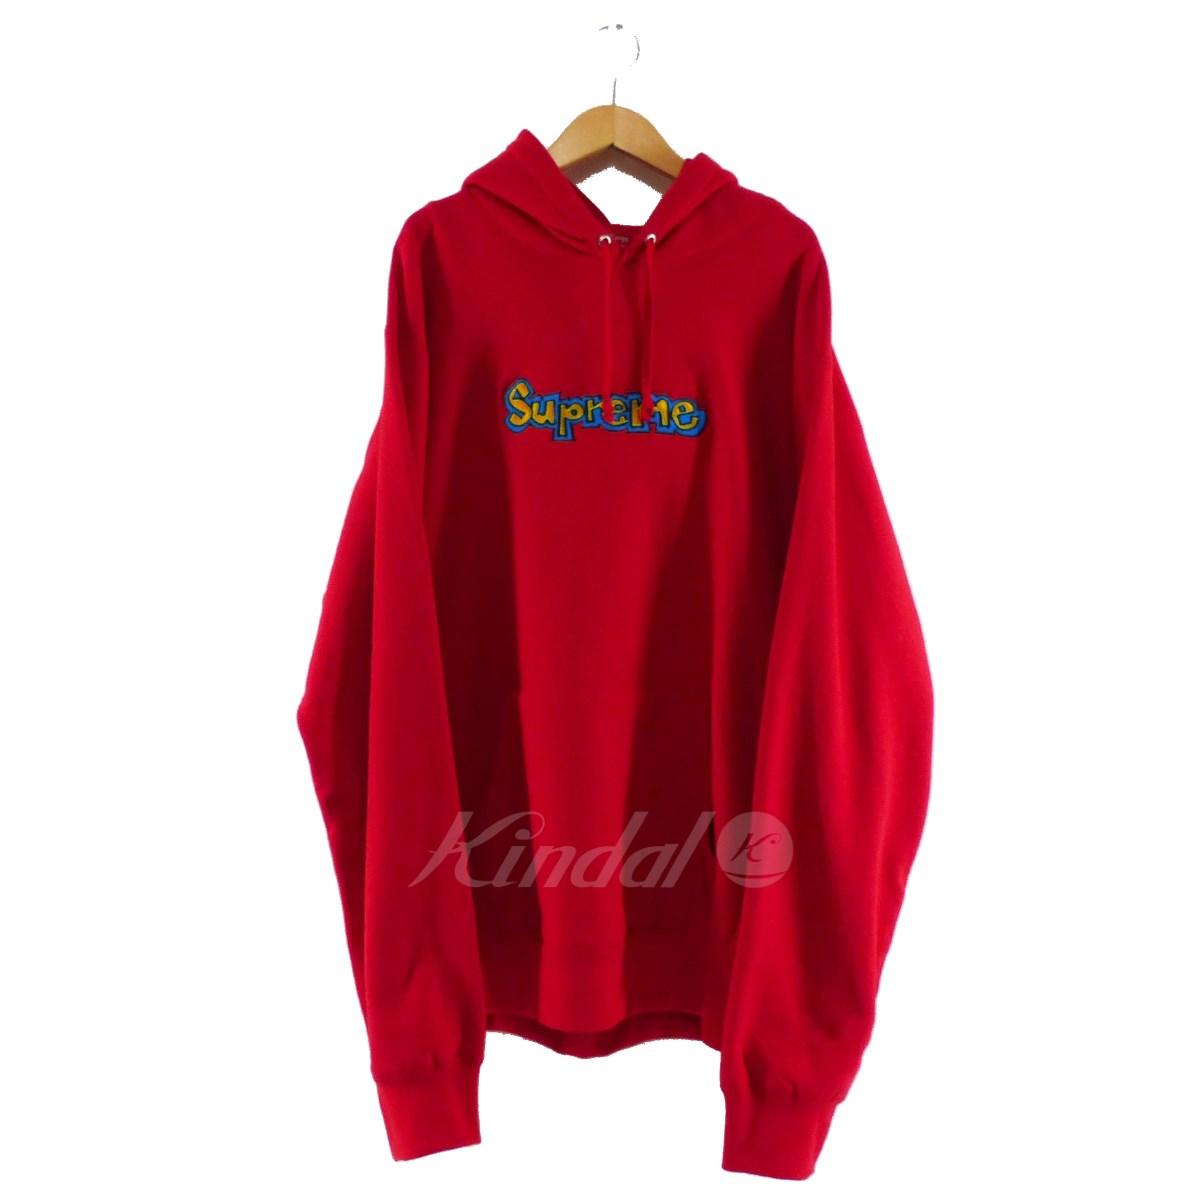 【中古】SUPREME 2018SS Gonz Logo Hooded Sweatshirt 【送料無料】 【088117】 【KIND1550】